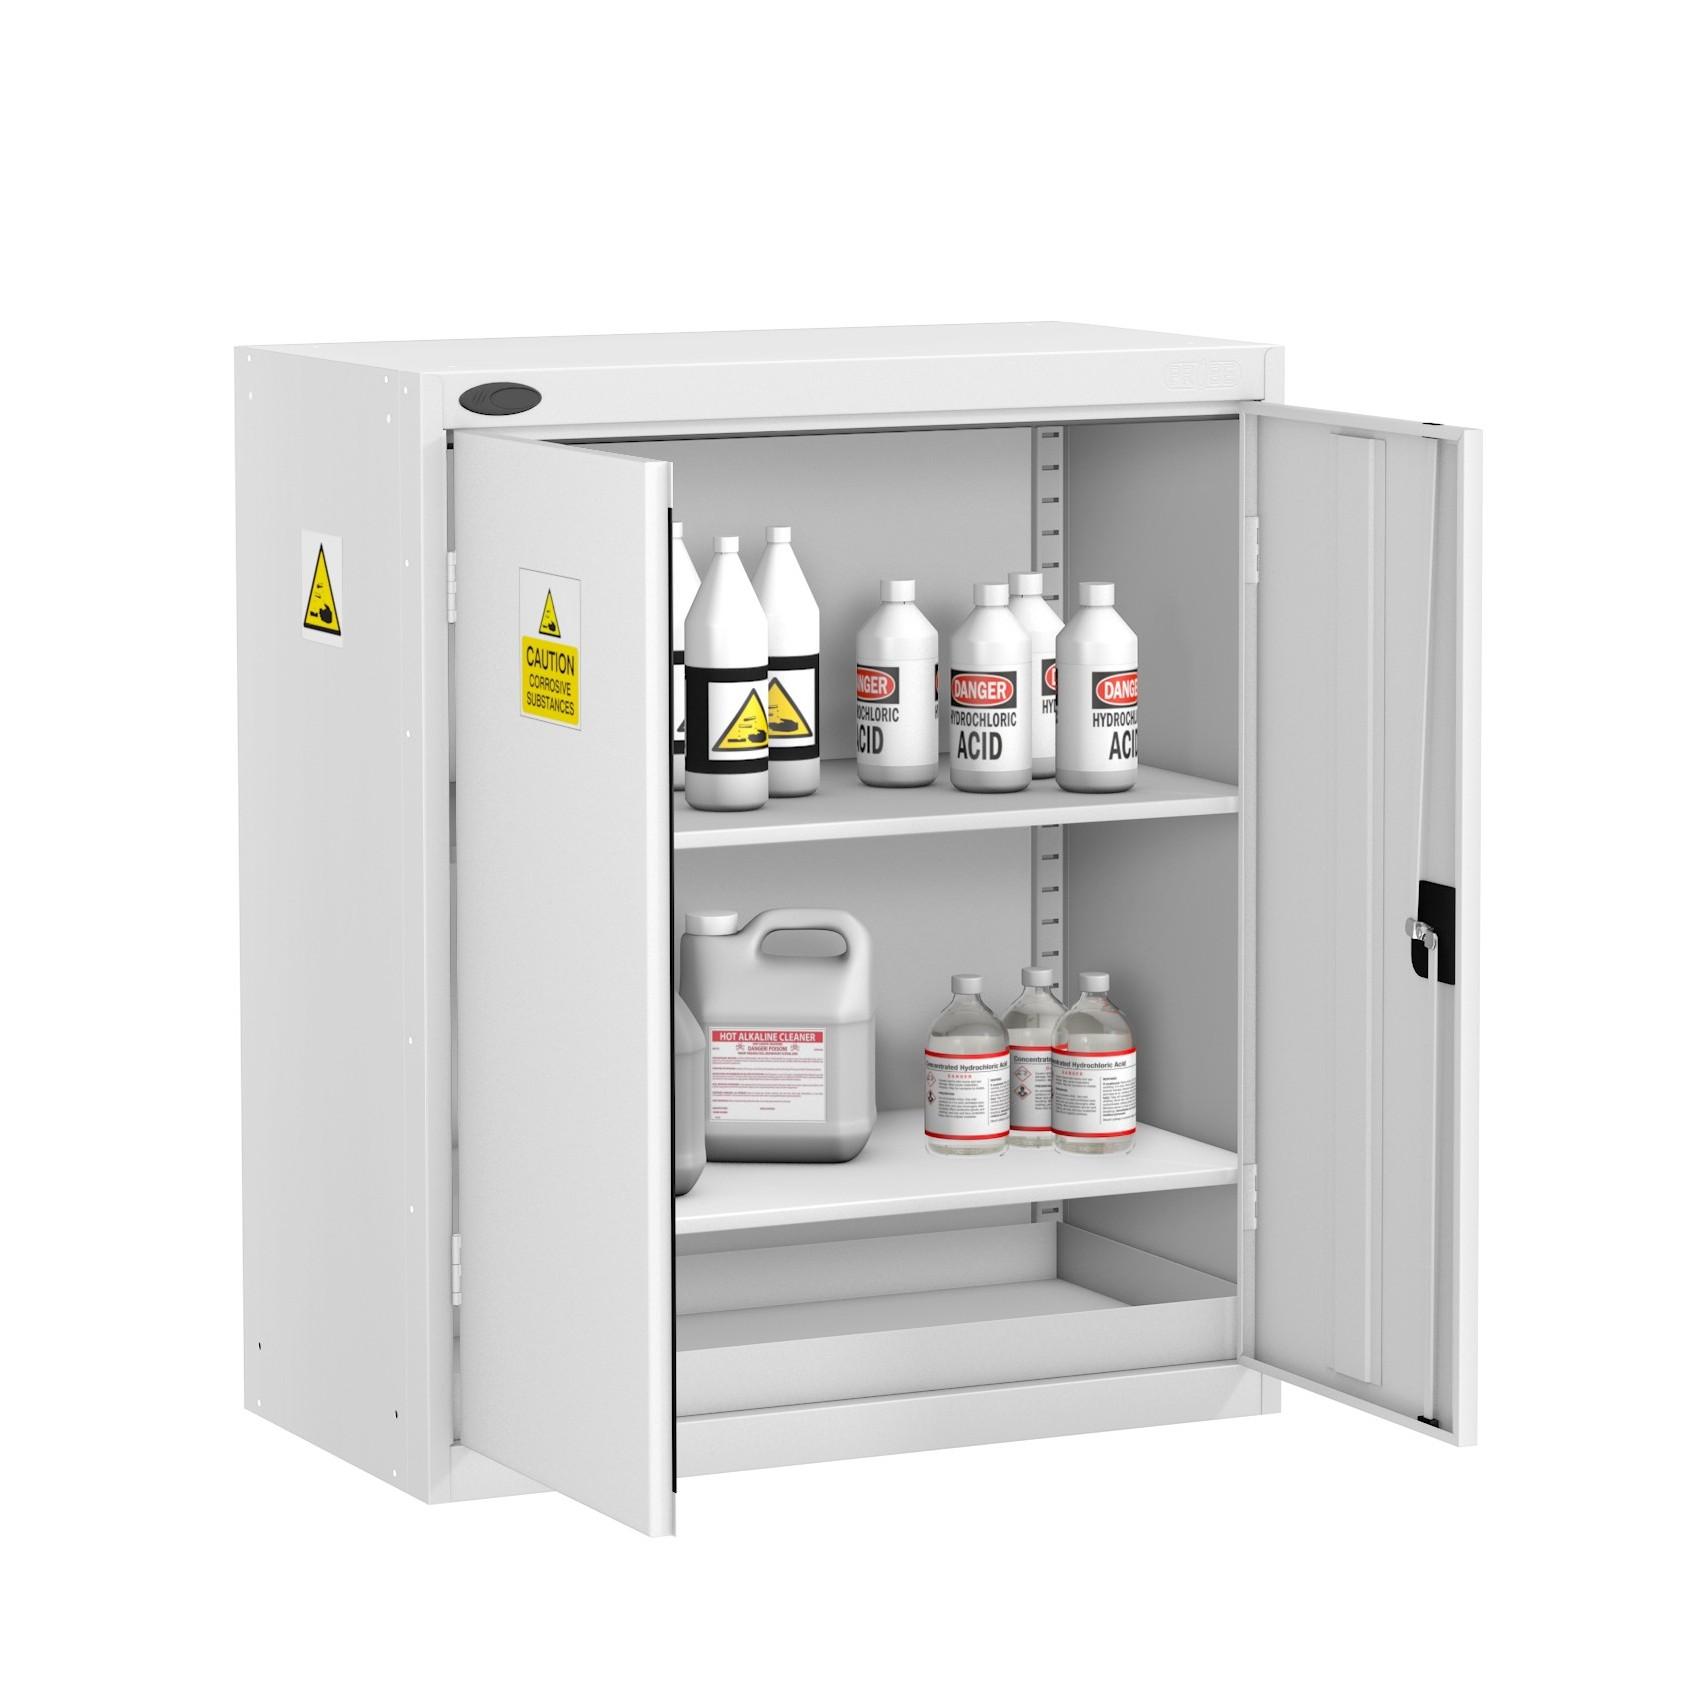 Low acid alkali Cabinet